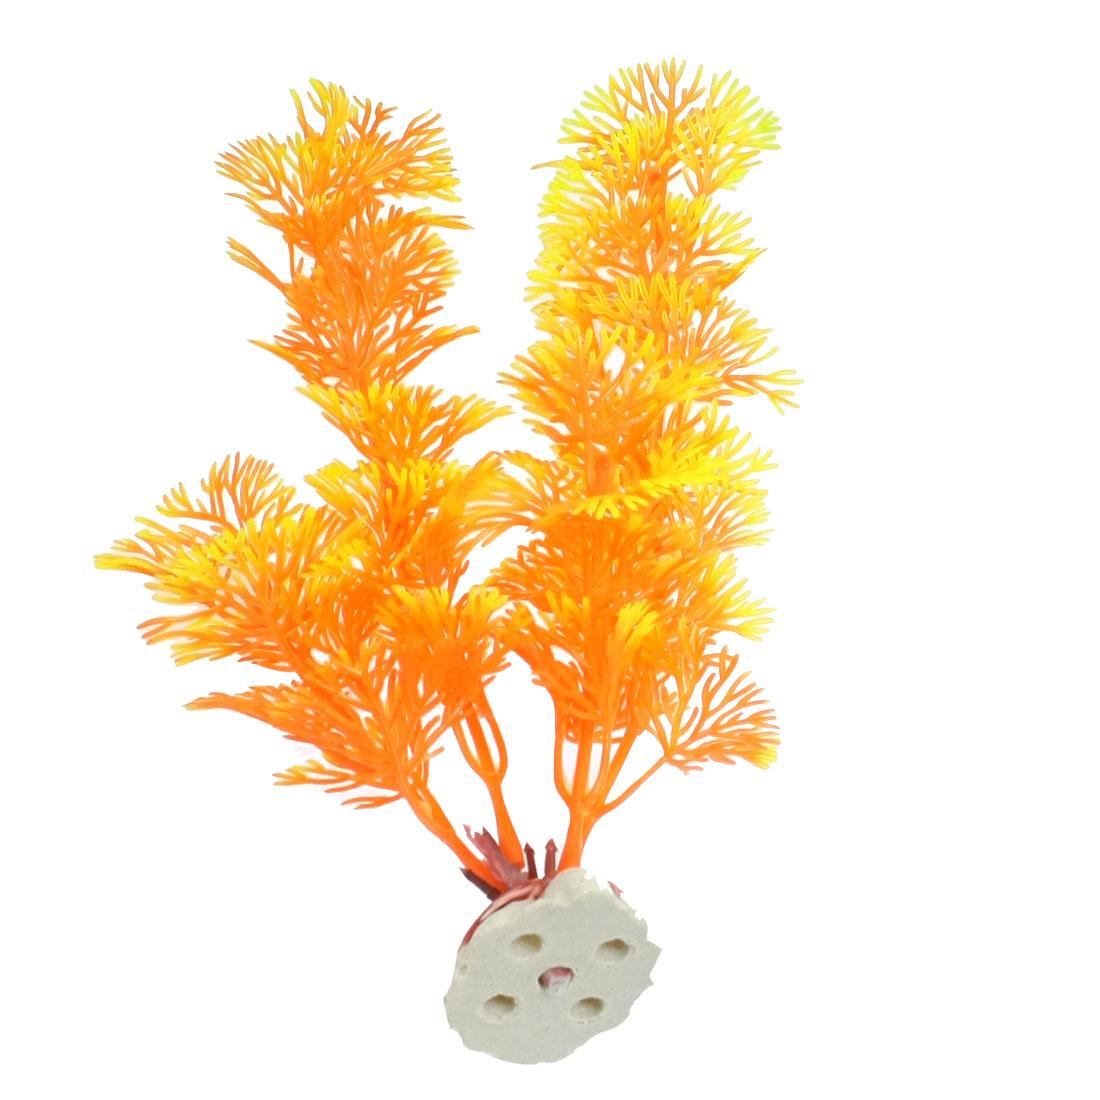 Decorative Aquarium Tank Ceramic Base Orange Yellow Plastic Plants